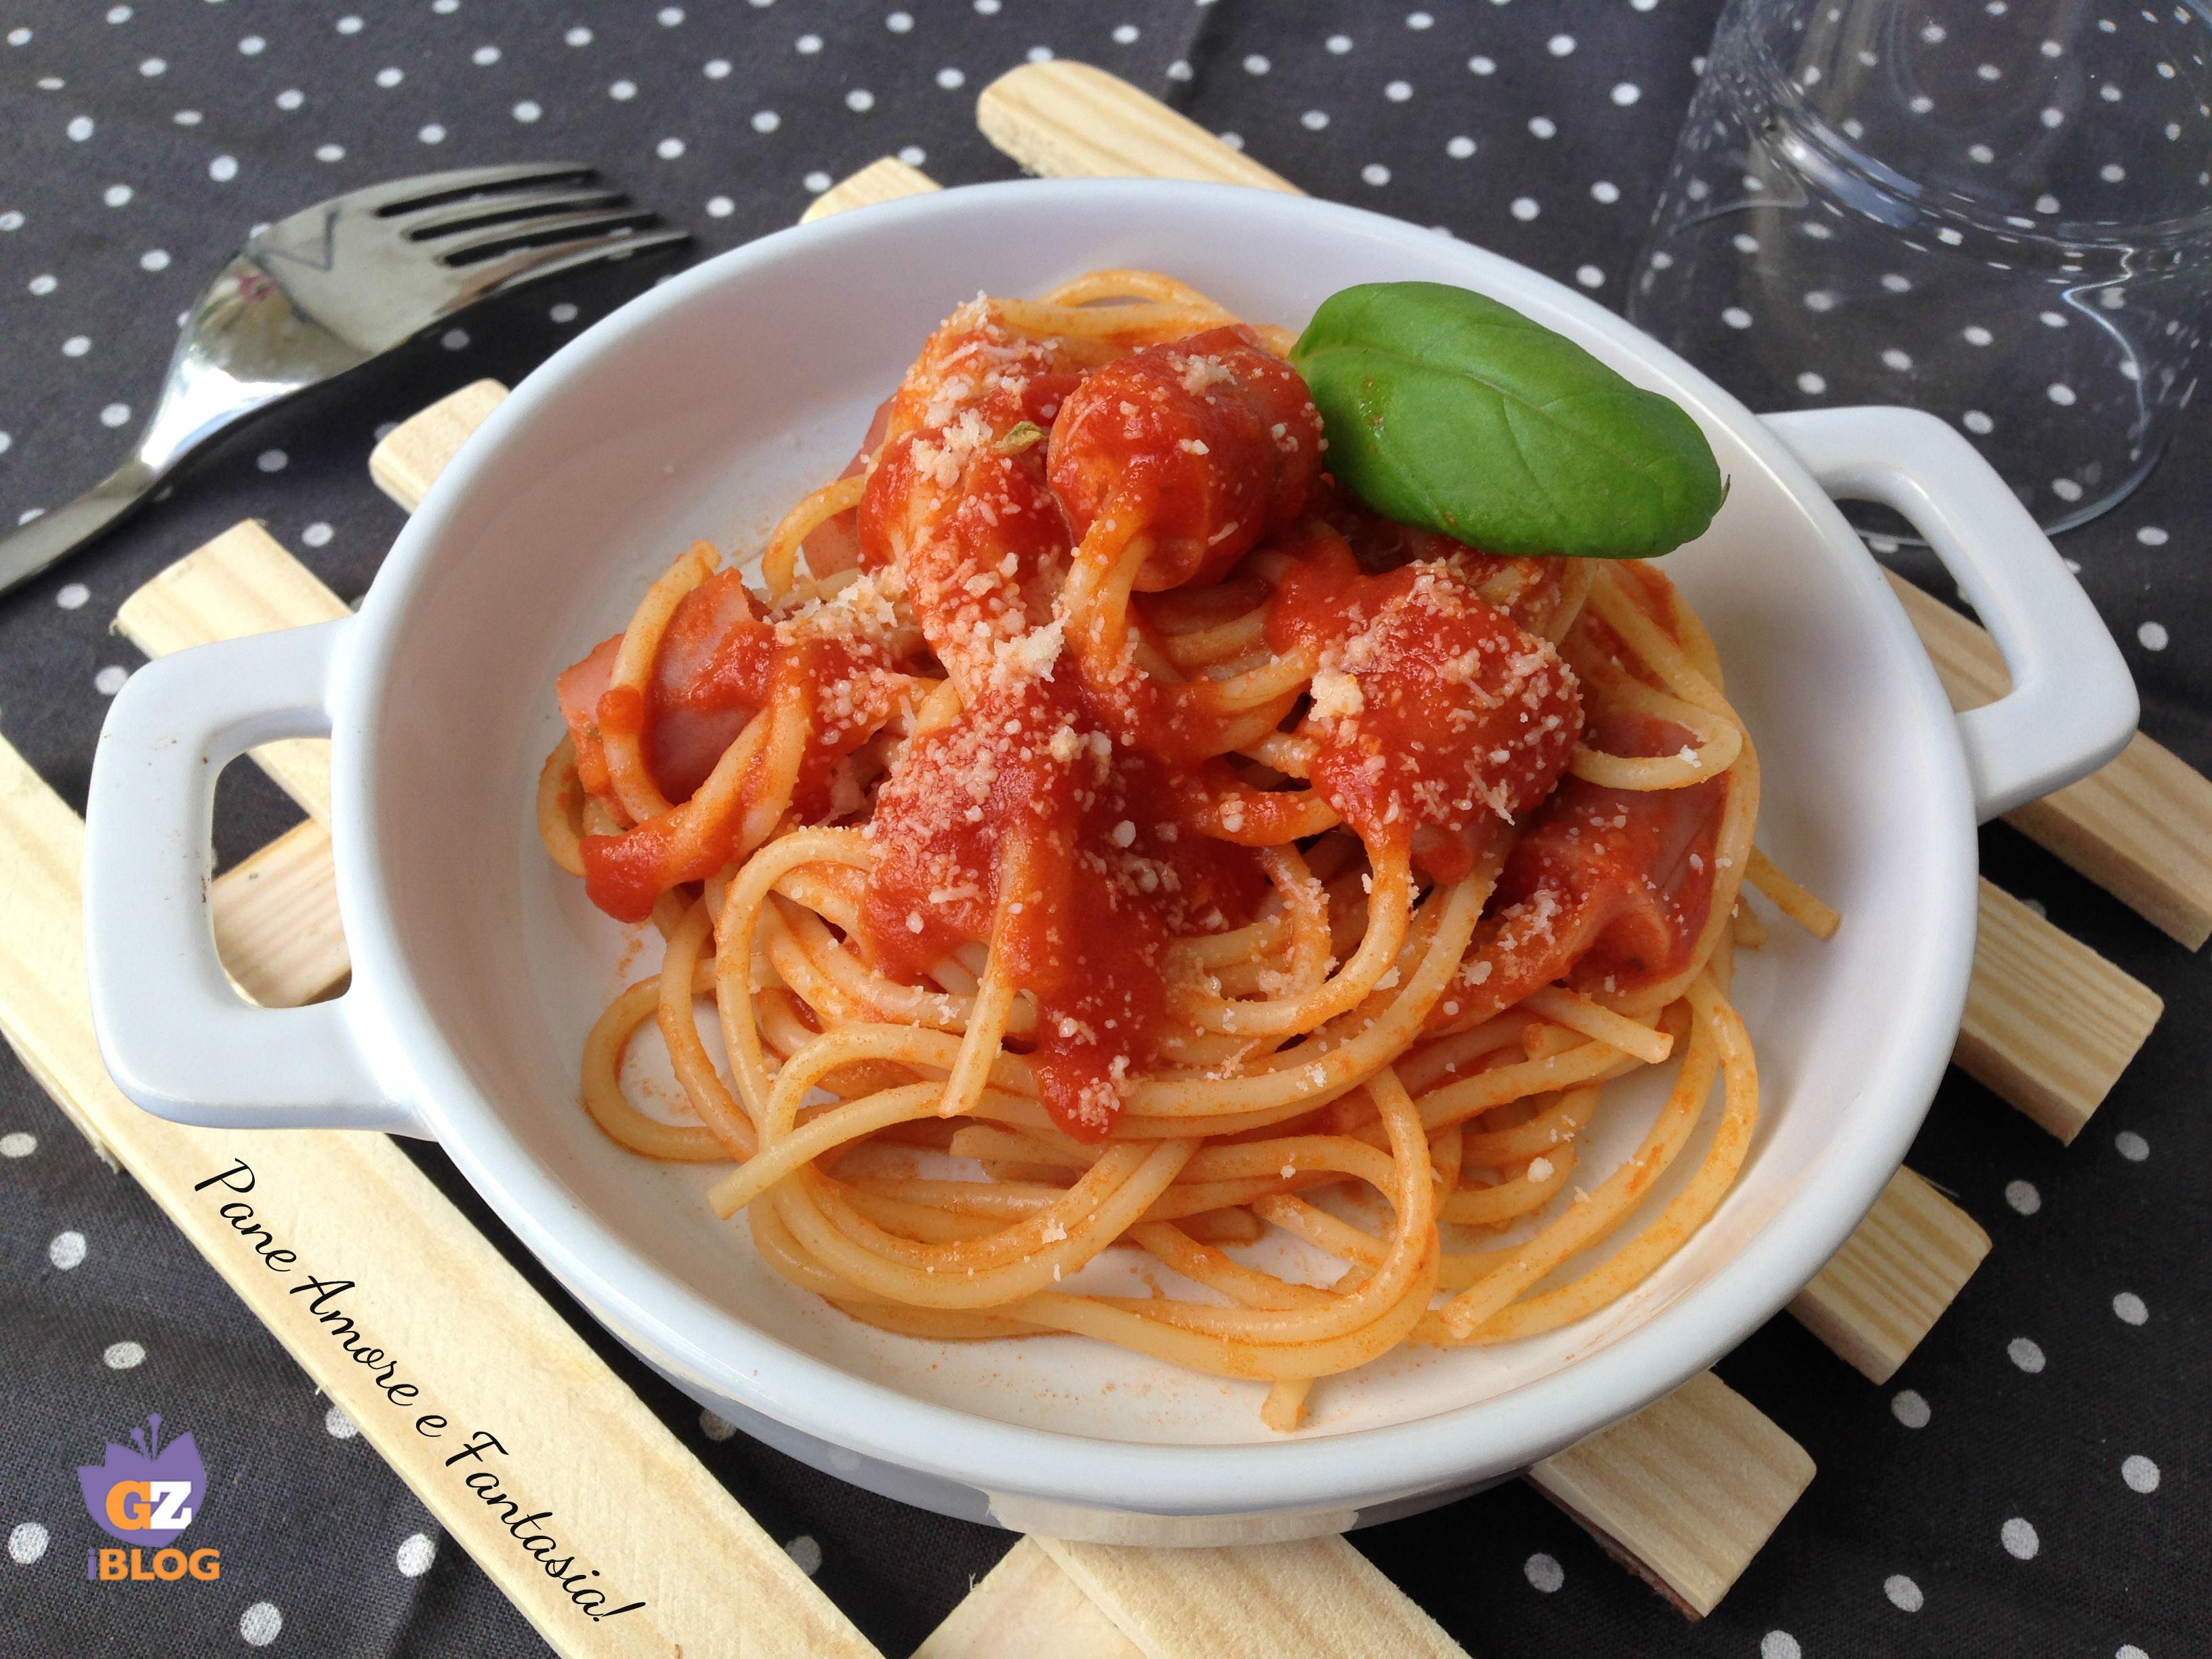 Spaghetti con wurstel infilzati pane amore e fantasia for Cucinare wurstel